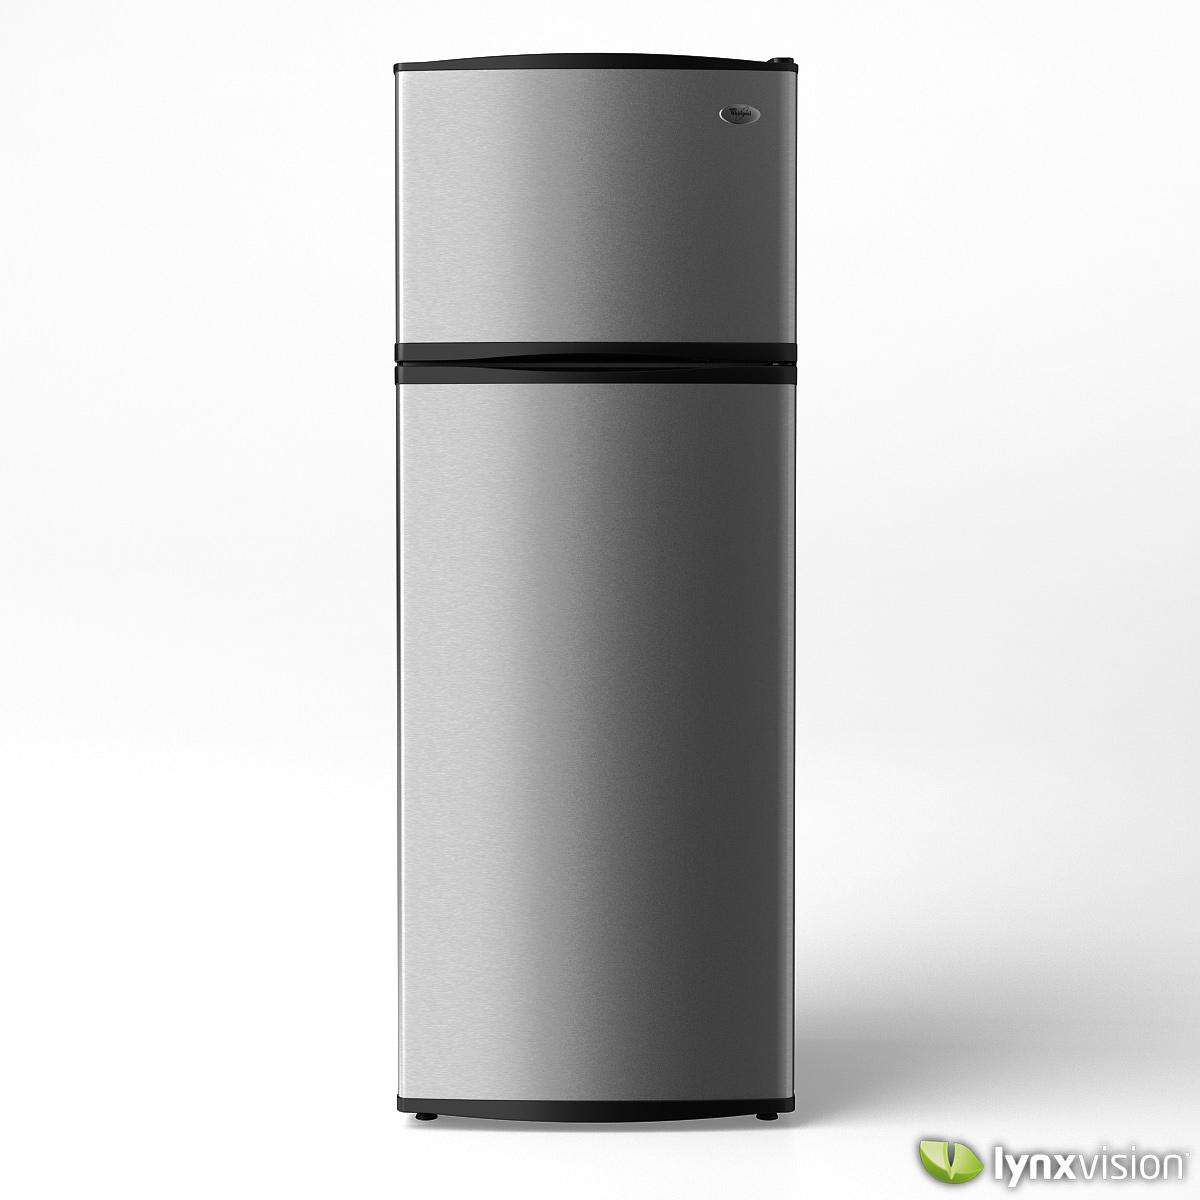 Whirlpool Refrigerator 3D Model .max .obj .fbx - CGTrader.com